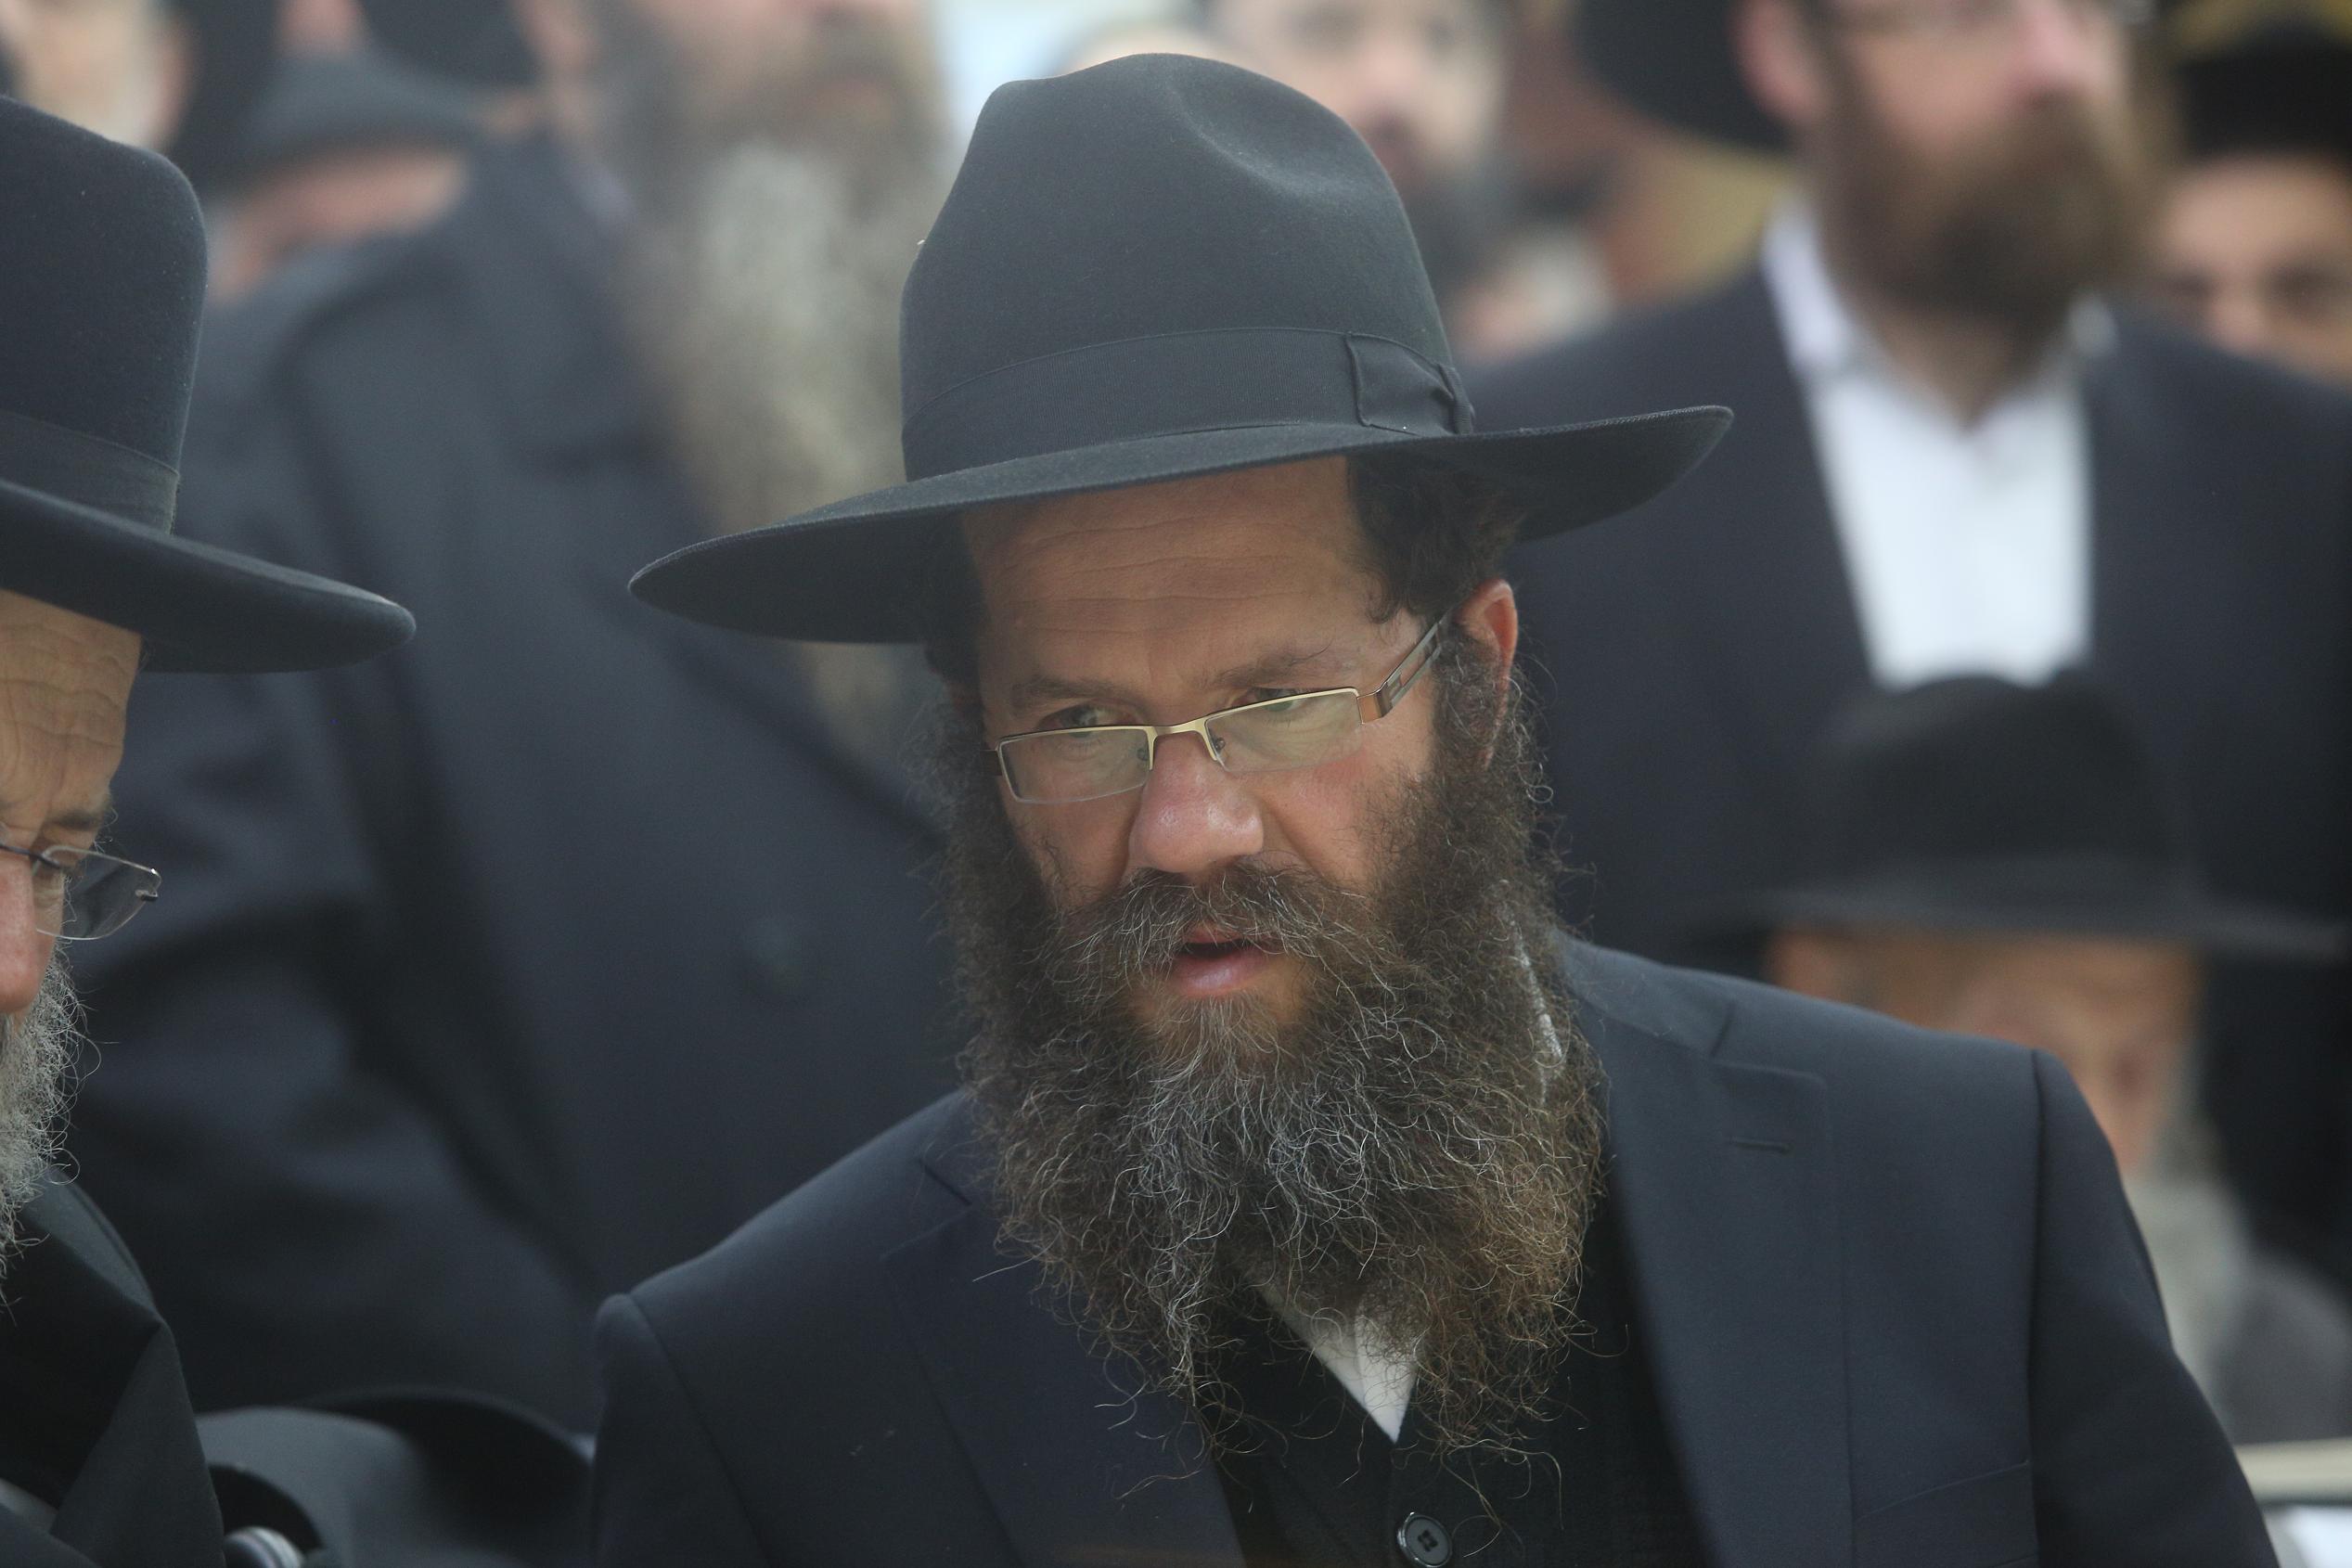 """סערה בכפר חב""""ד • הרב אשכנזי: """"קרה דבר חמור; איני אחראי"""" • צפו"""